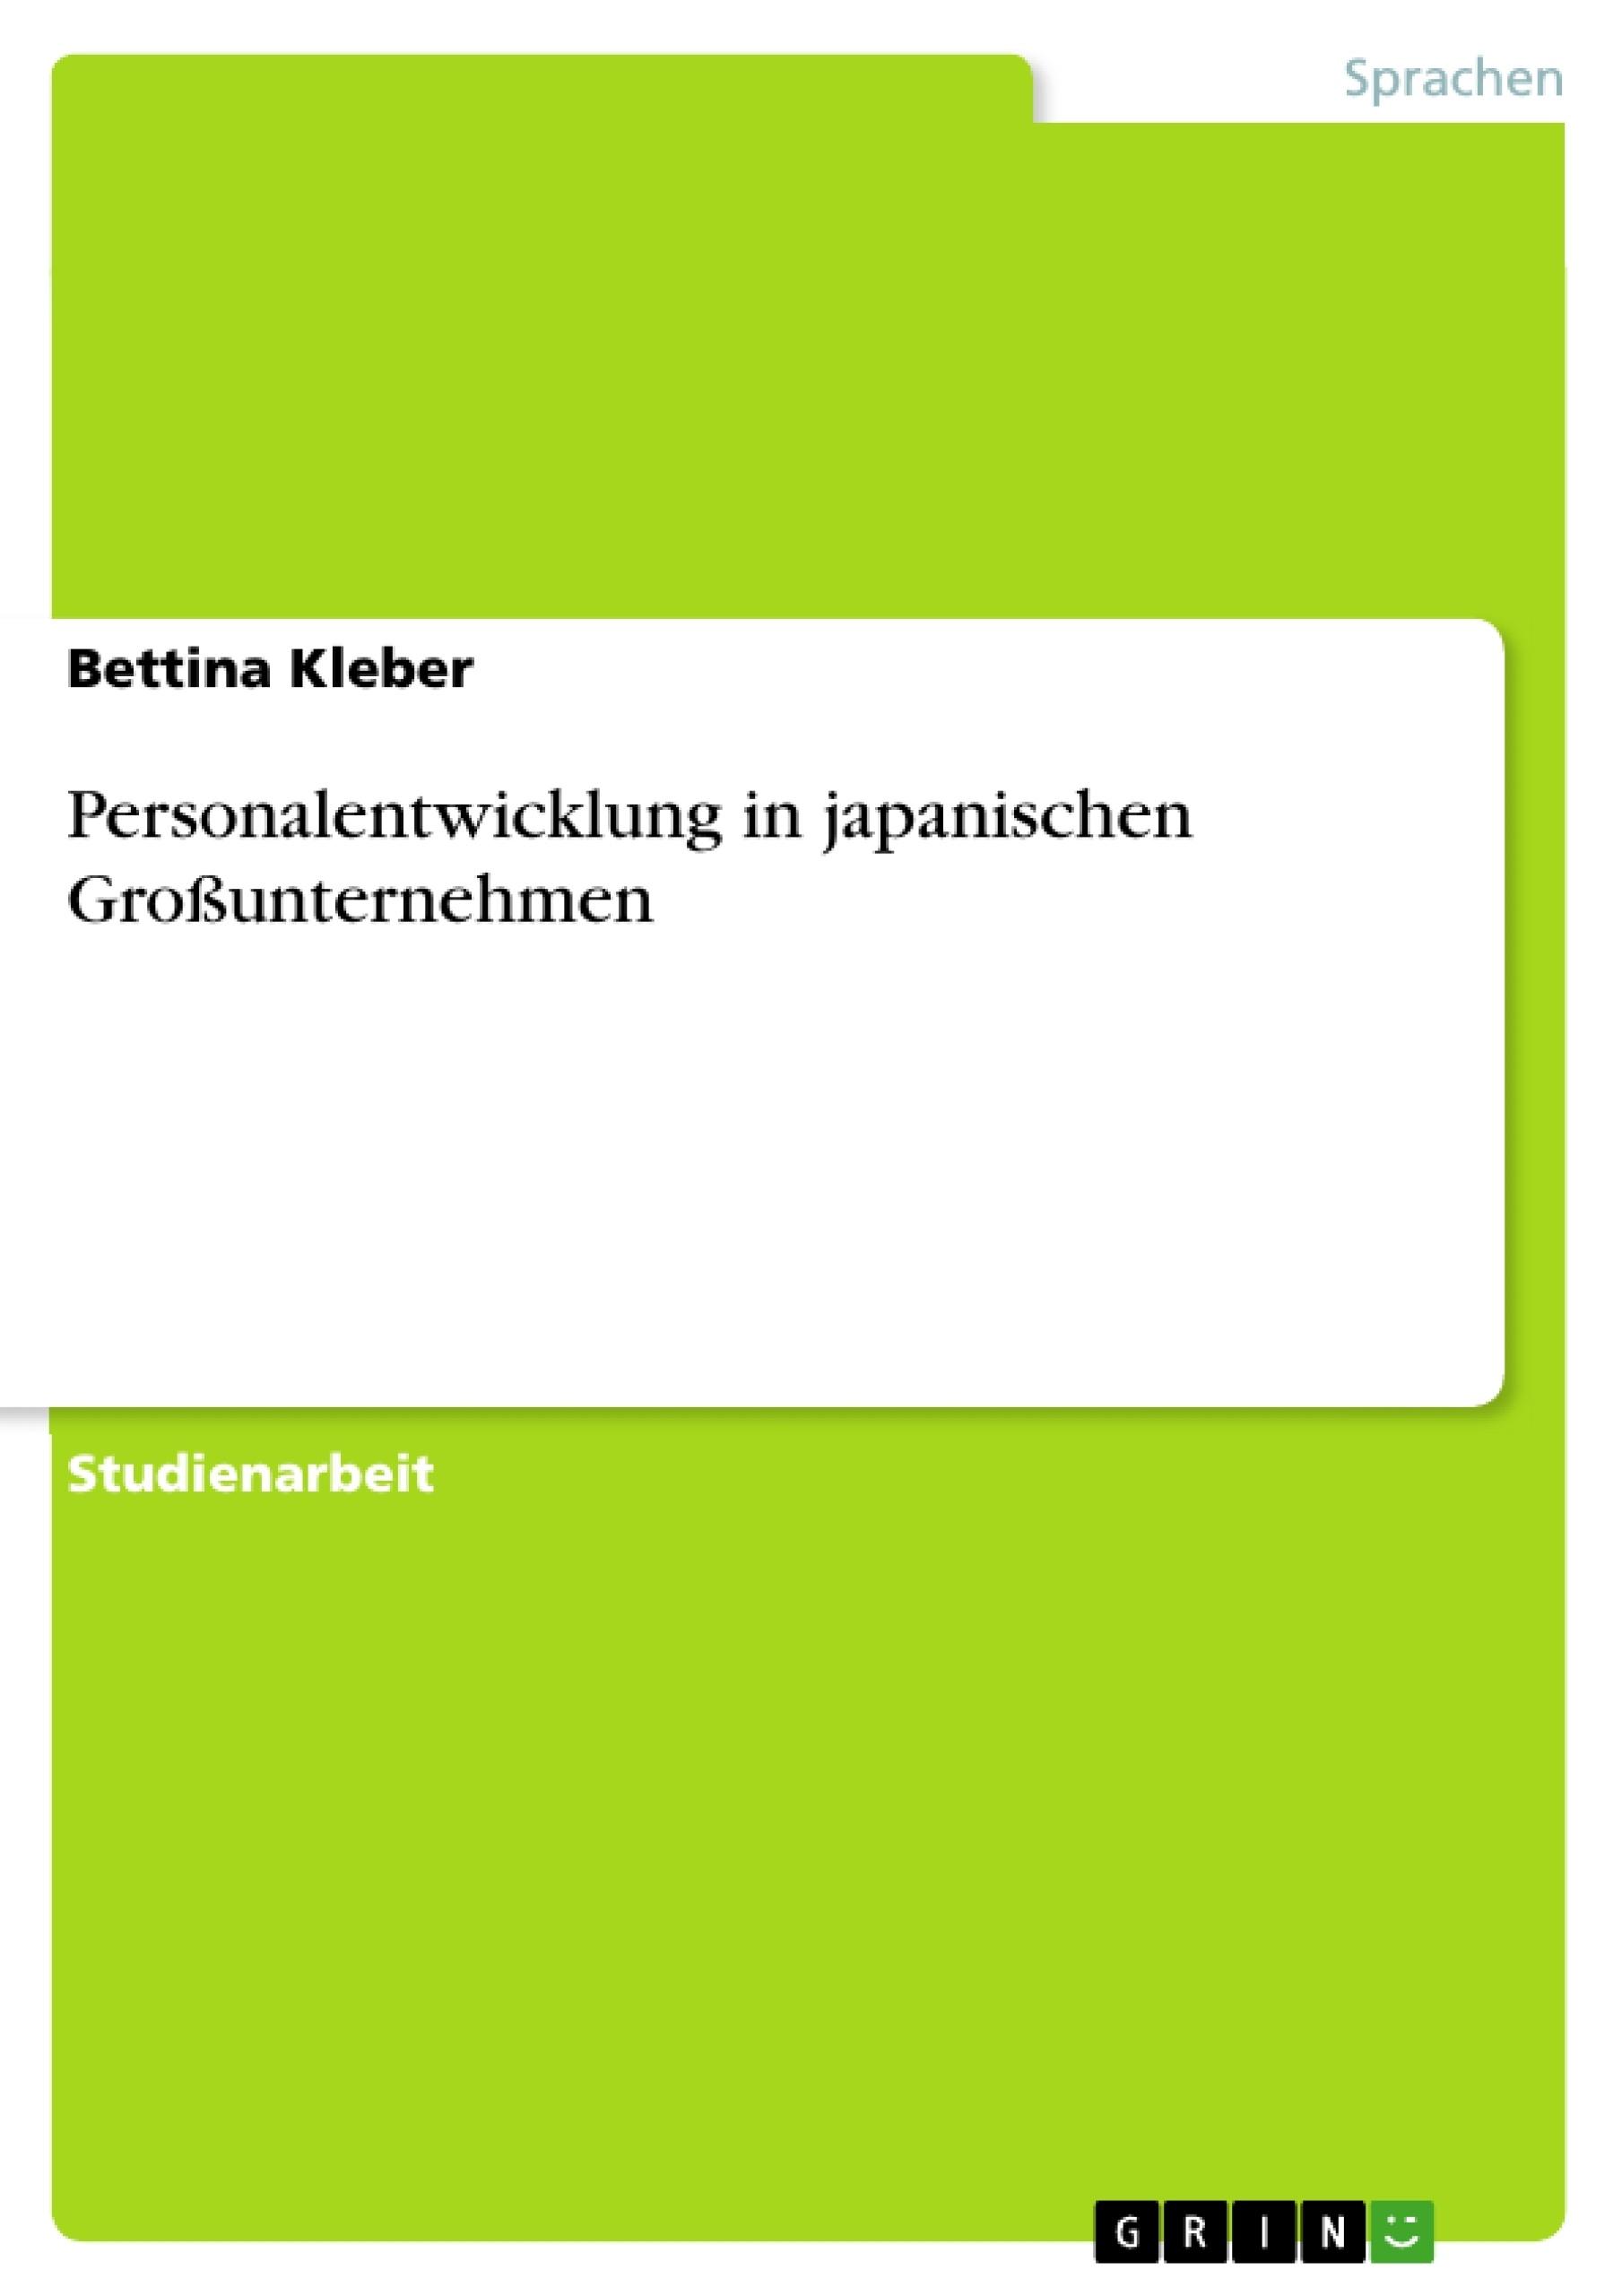 Titel: Personalentwicklung in japanischen Großunternehmen